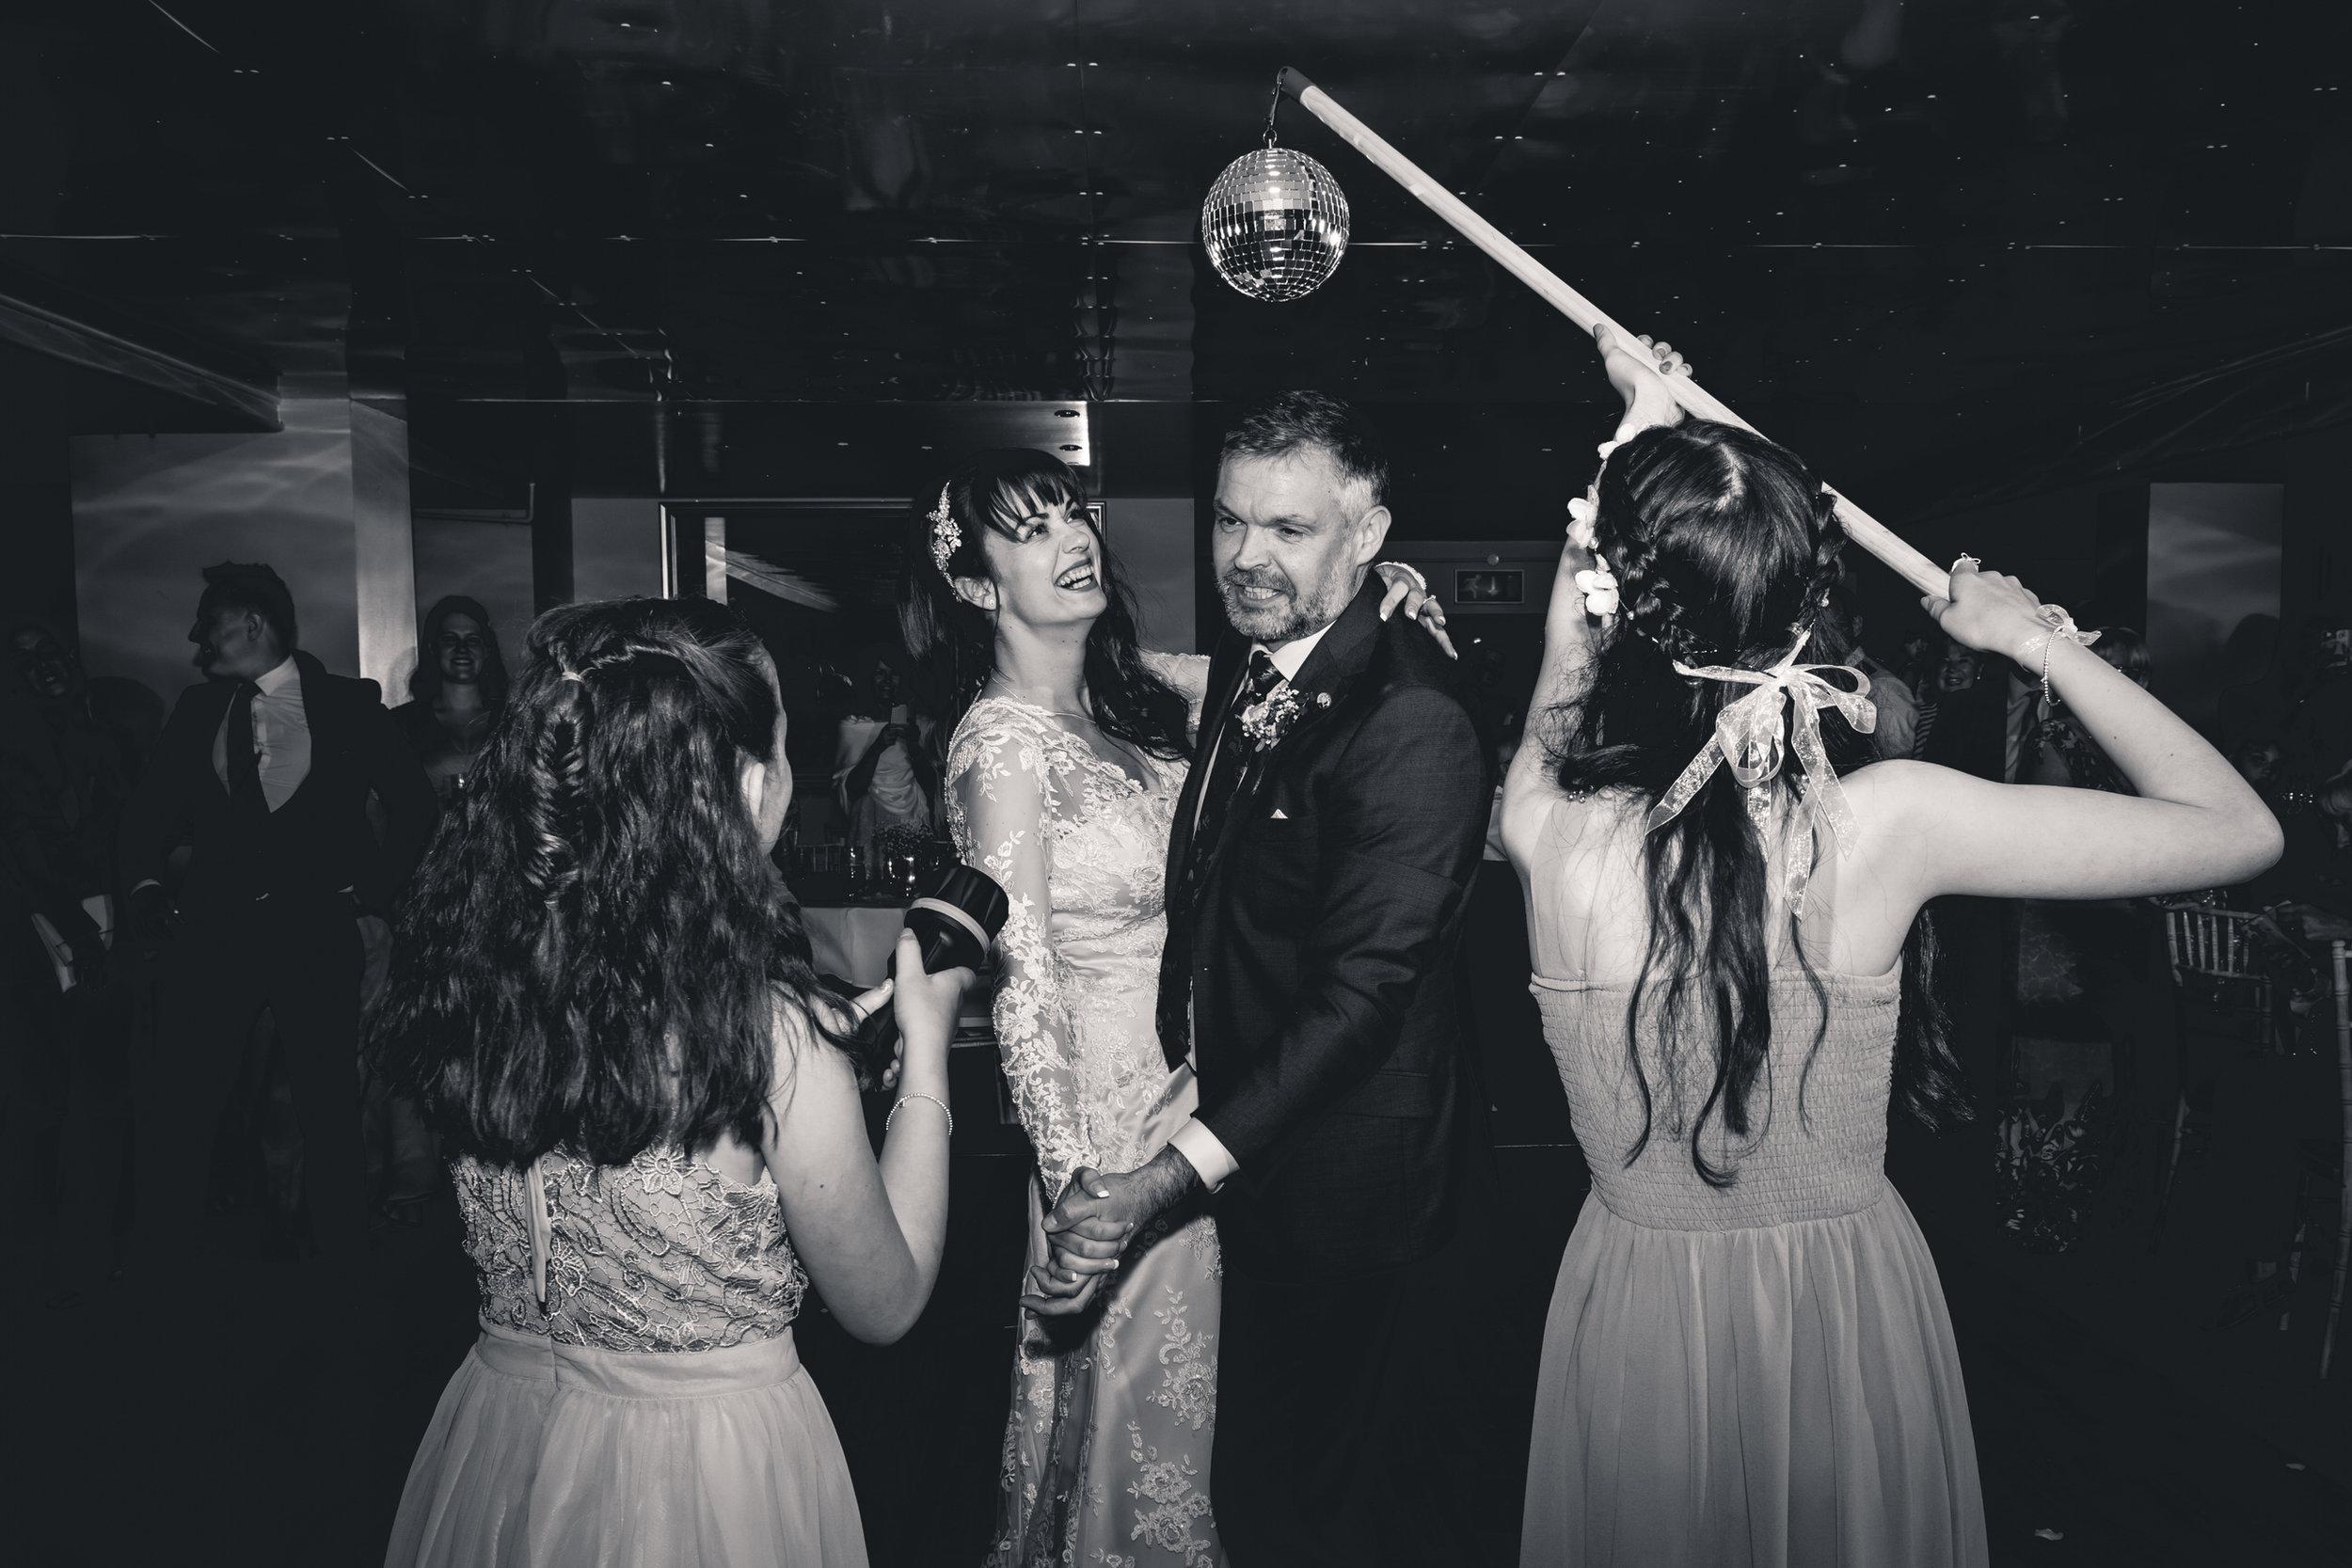 chainbridge-wedding-leeds-wedding-photographer-31.jpg